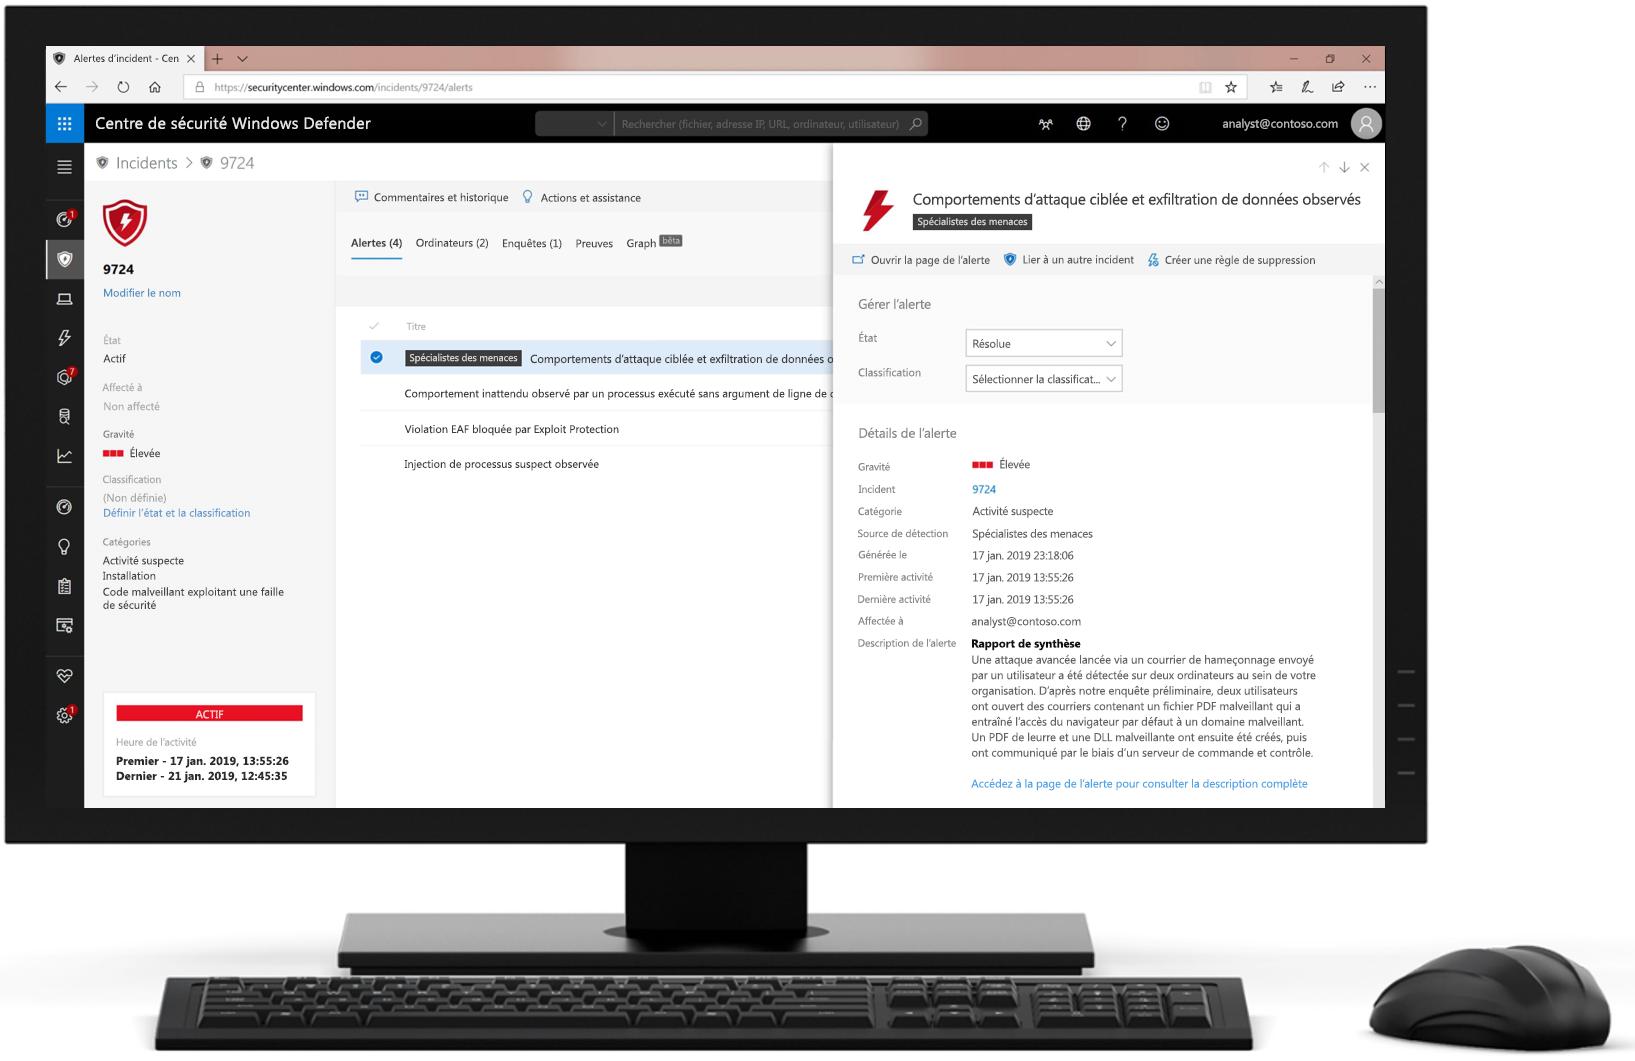 Illustration : écran de PC affichant le Centre de sécurité Windows Defender.